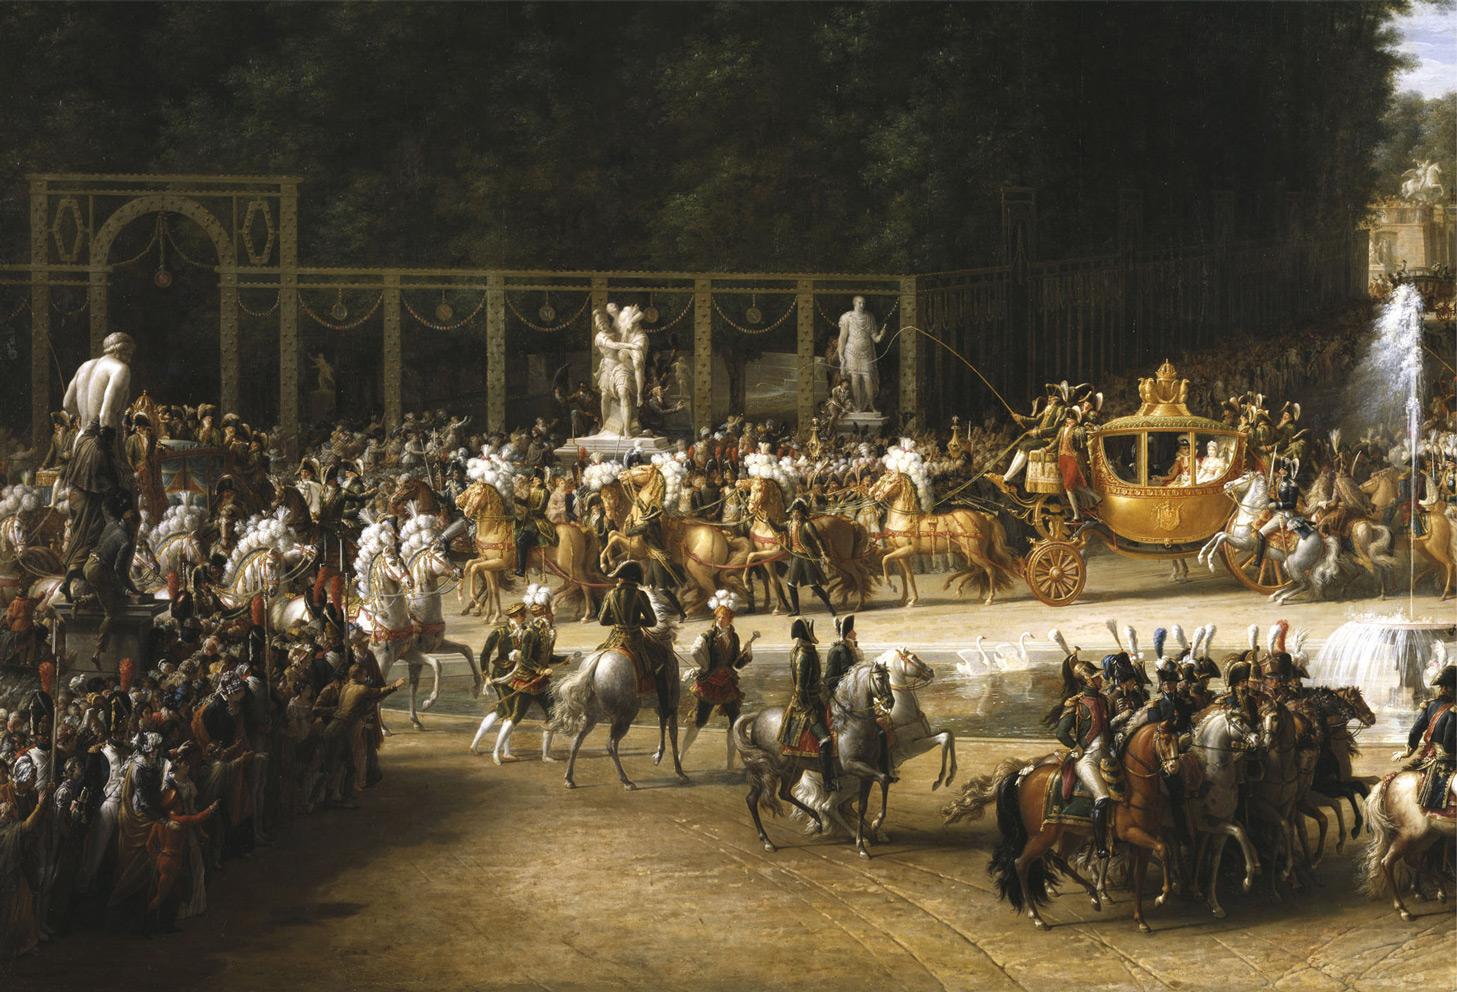 Svatba francouzského panovníka Napoleona I. a dcery rakouského císaře je okázalou slavností.